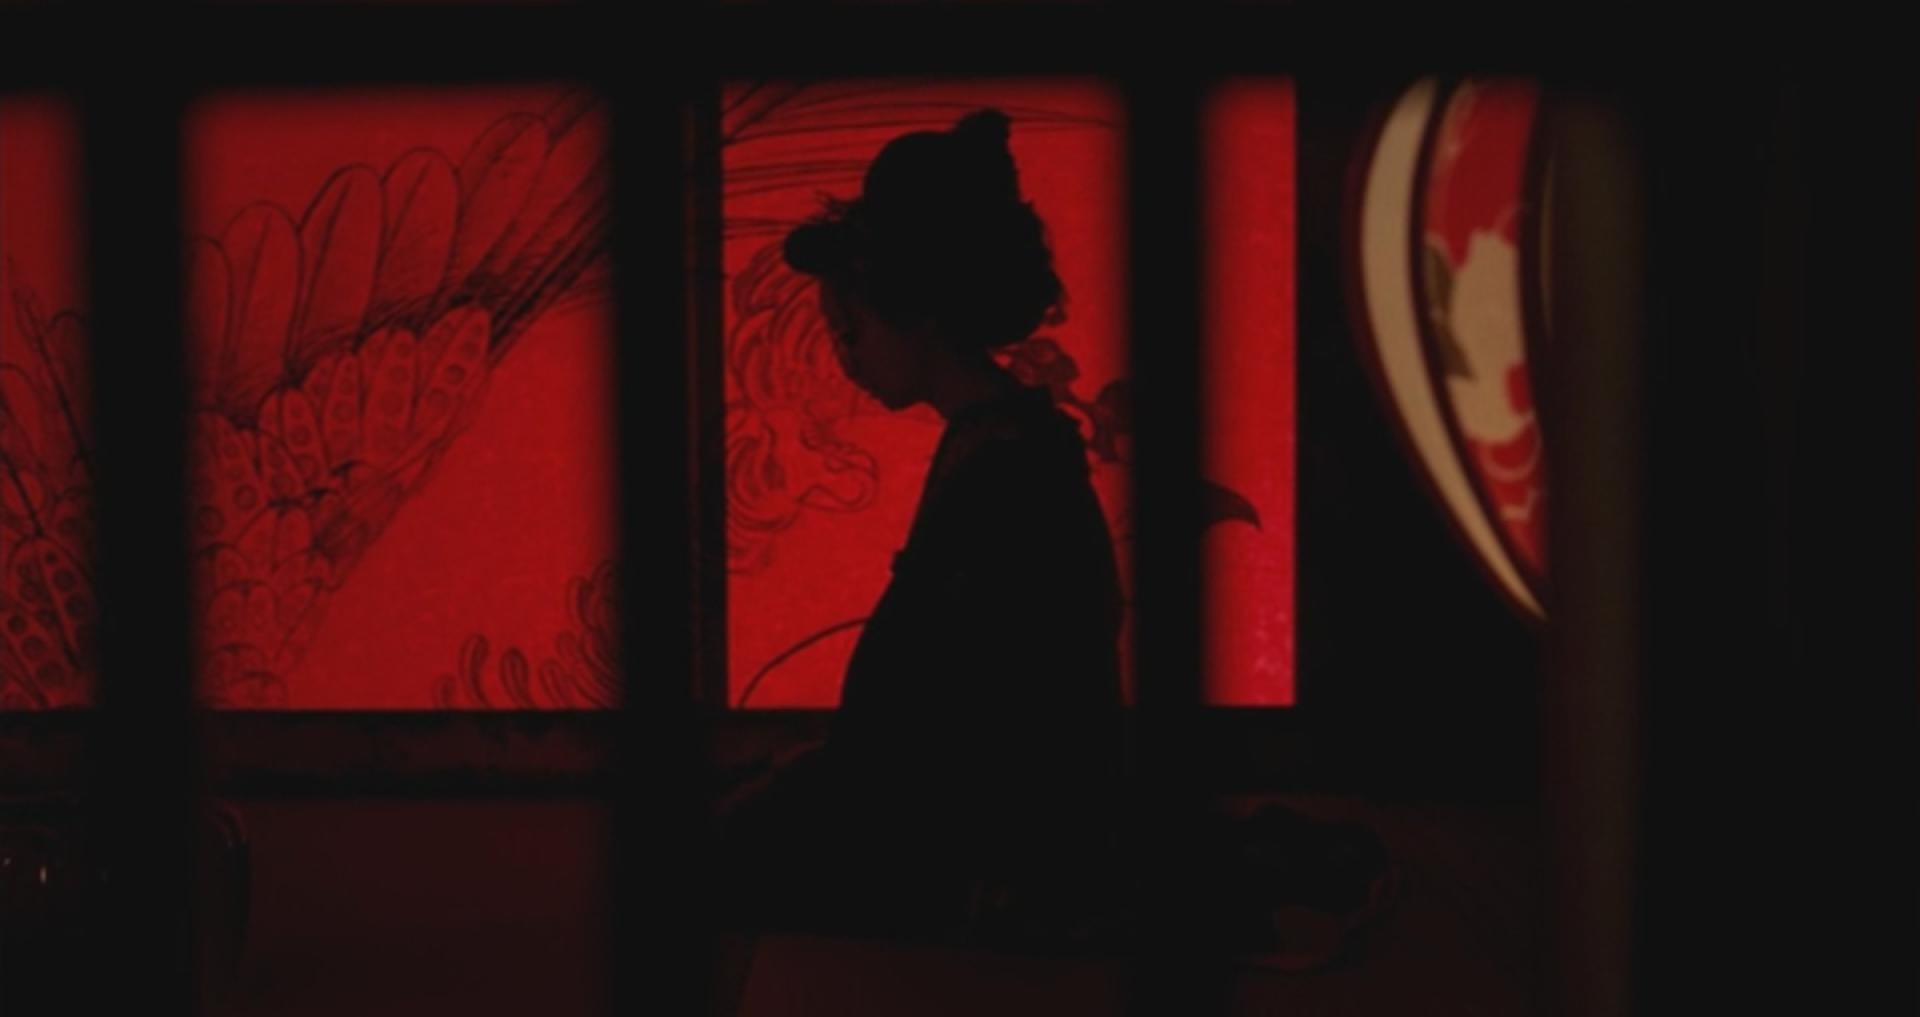 Ázsiai extrém 9. - Rémkép / Lenyomat (2006)